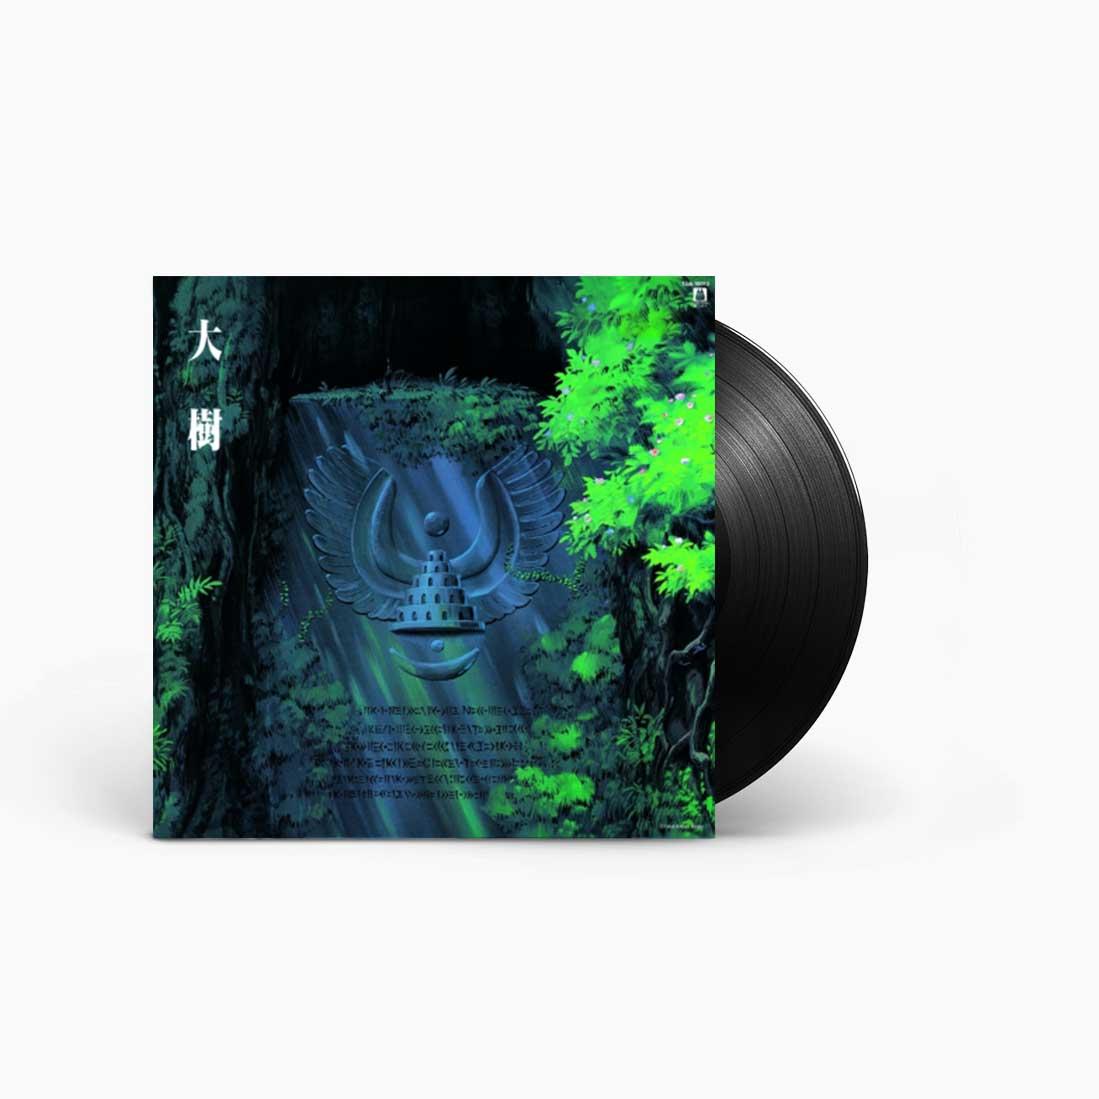 unun-Joe-Hisaish-vinyl-cover_t-4.jpg